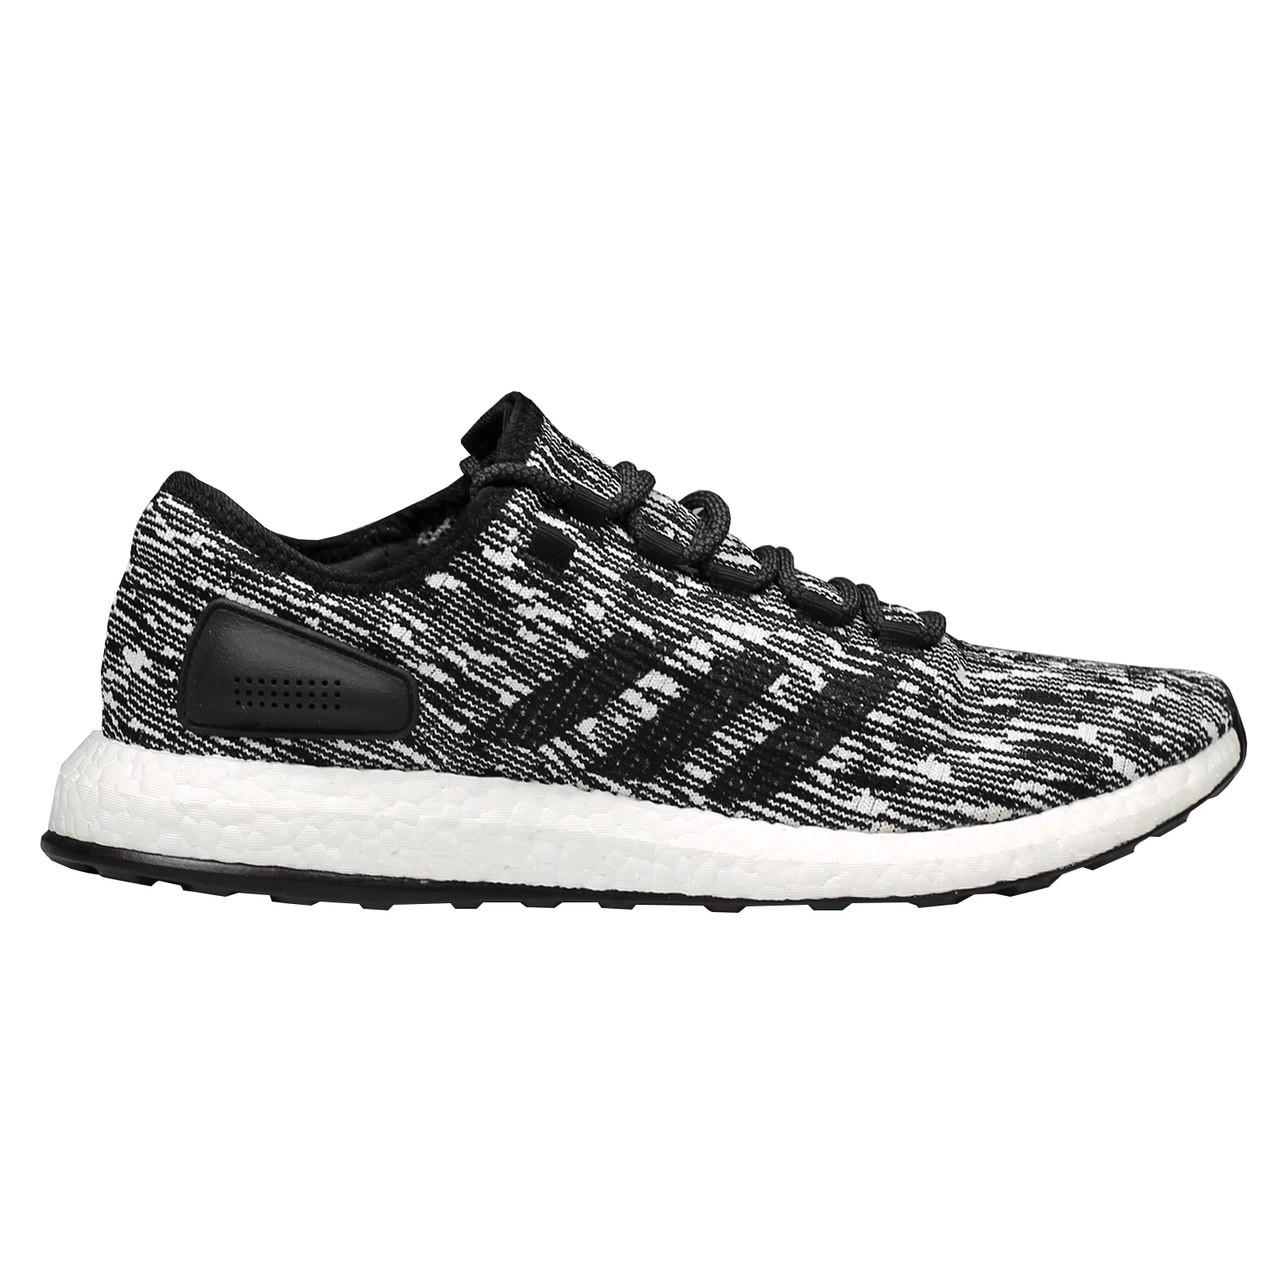 5f74c21f581de Adidas PureBOOST Men s Sneakers BB6280 - Black